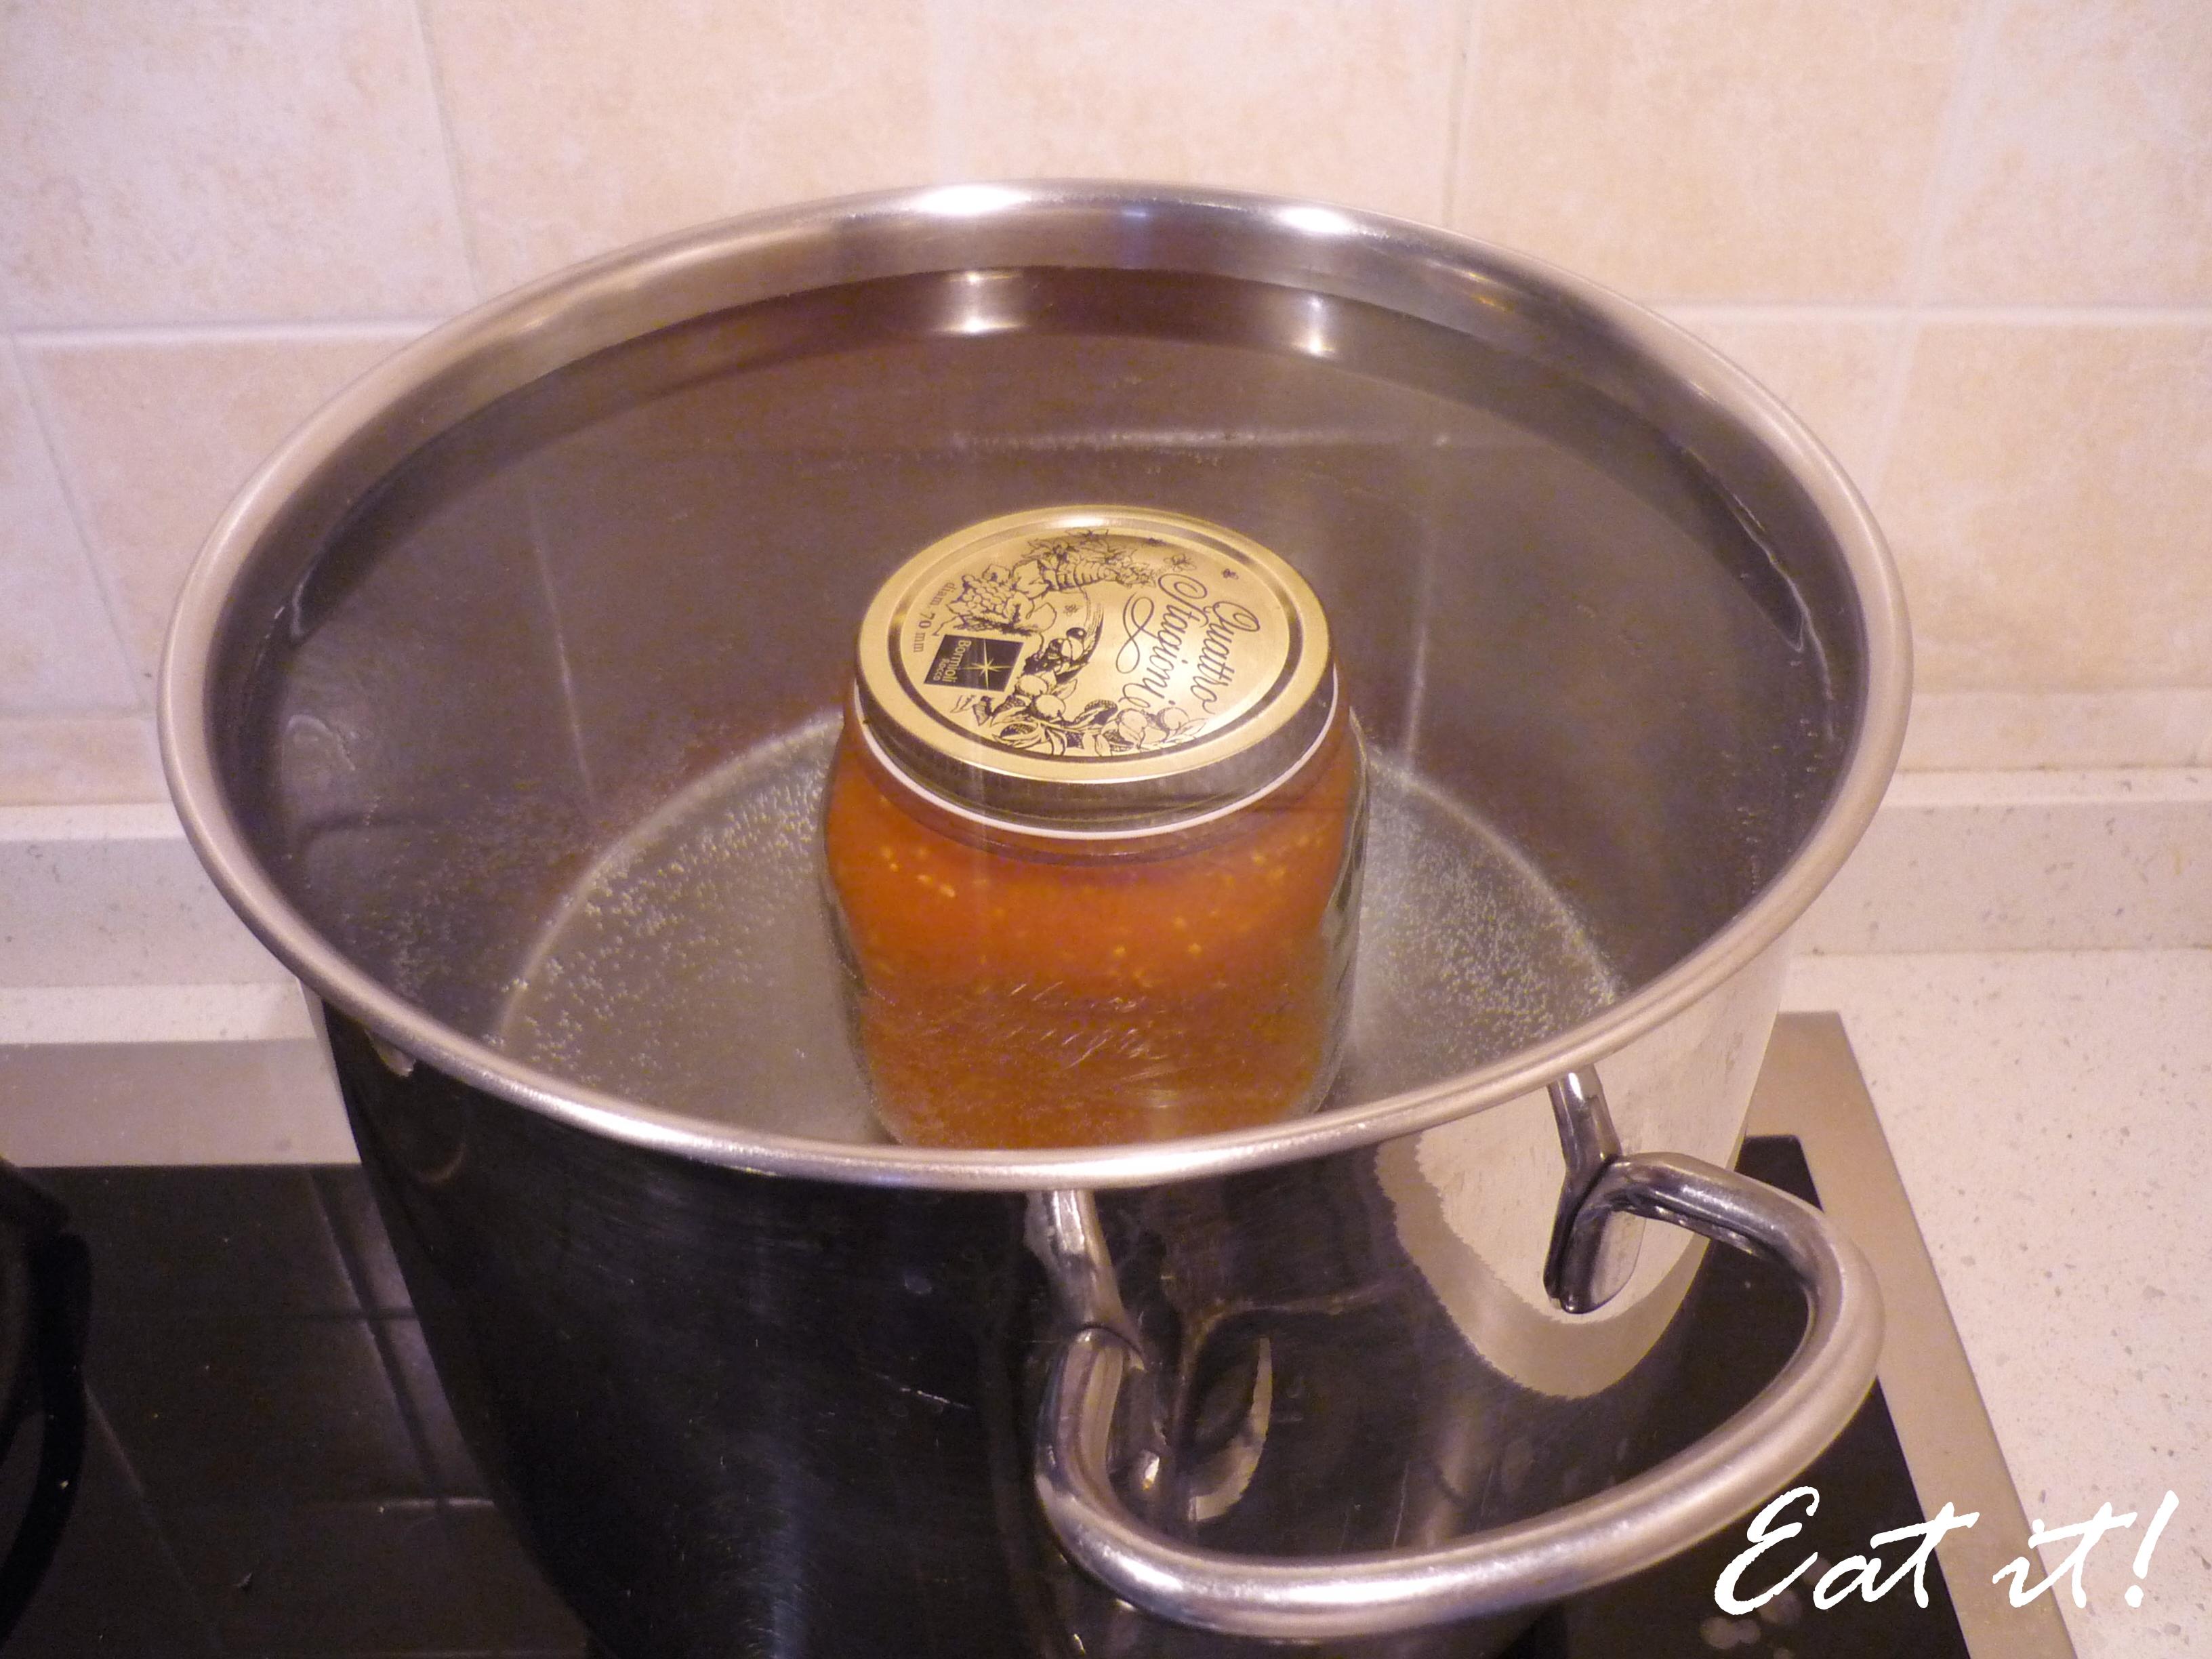 Conserva di pomodoro - In acqua bollente